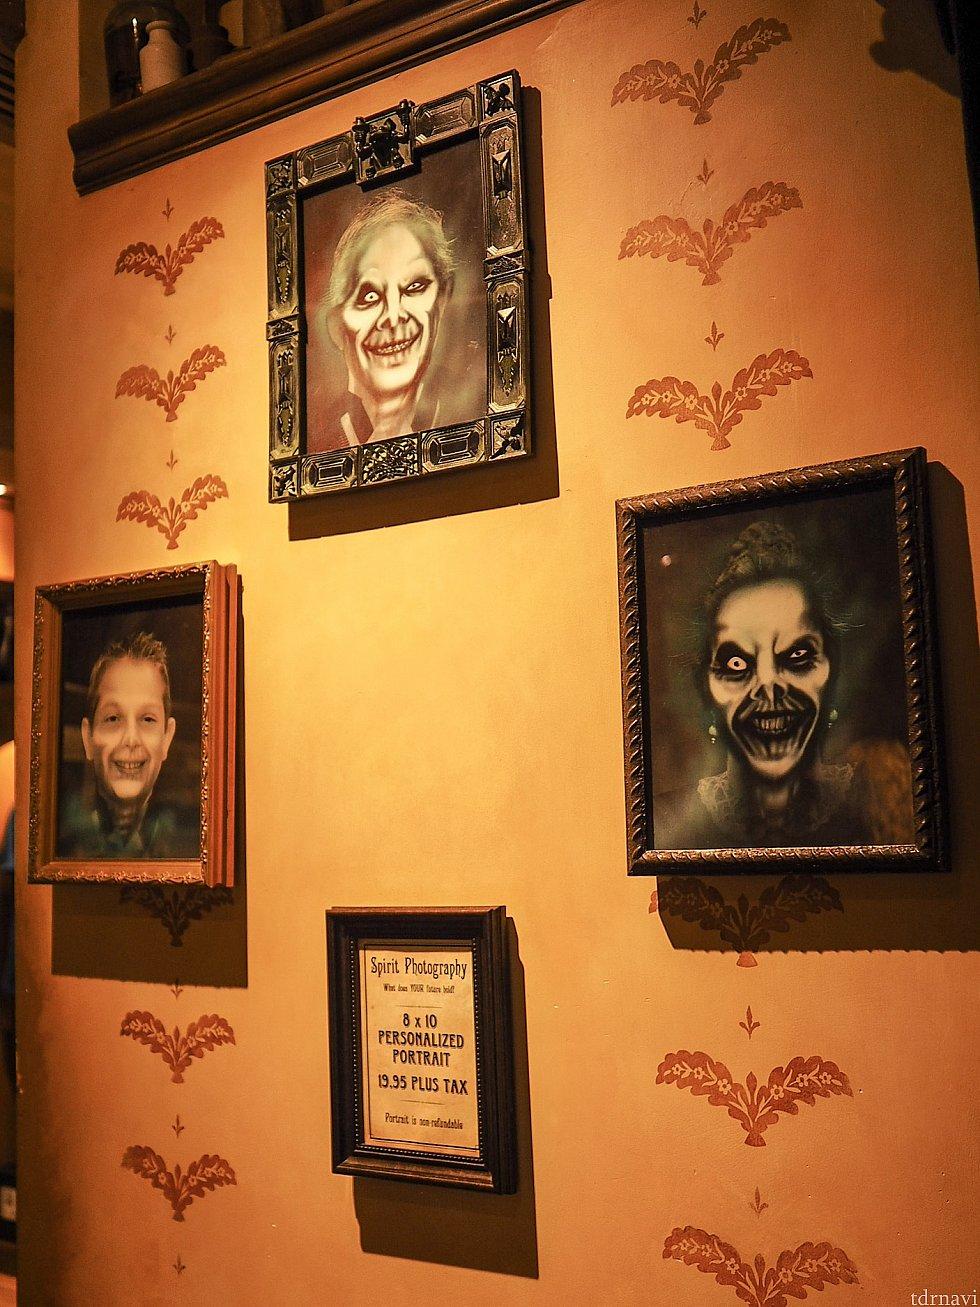 撮影部屋の外の壁にはサンプルのSpirit Photographがいくつか飾られています。